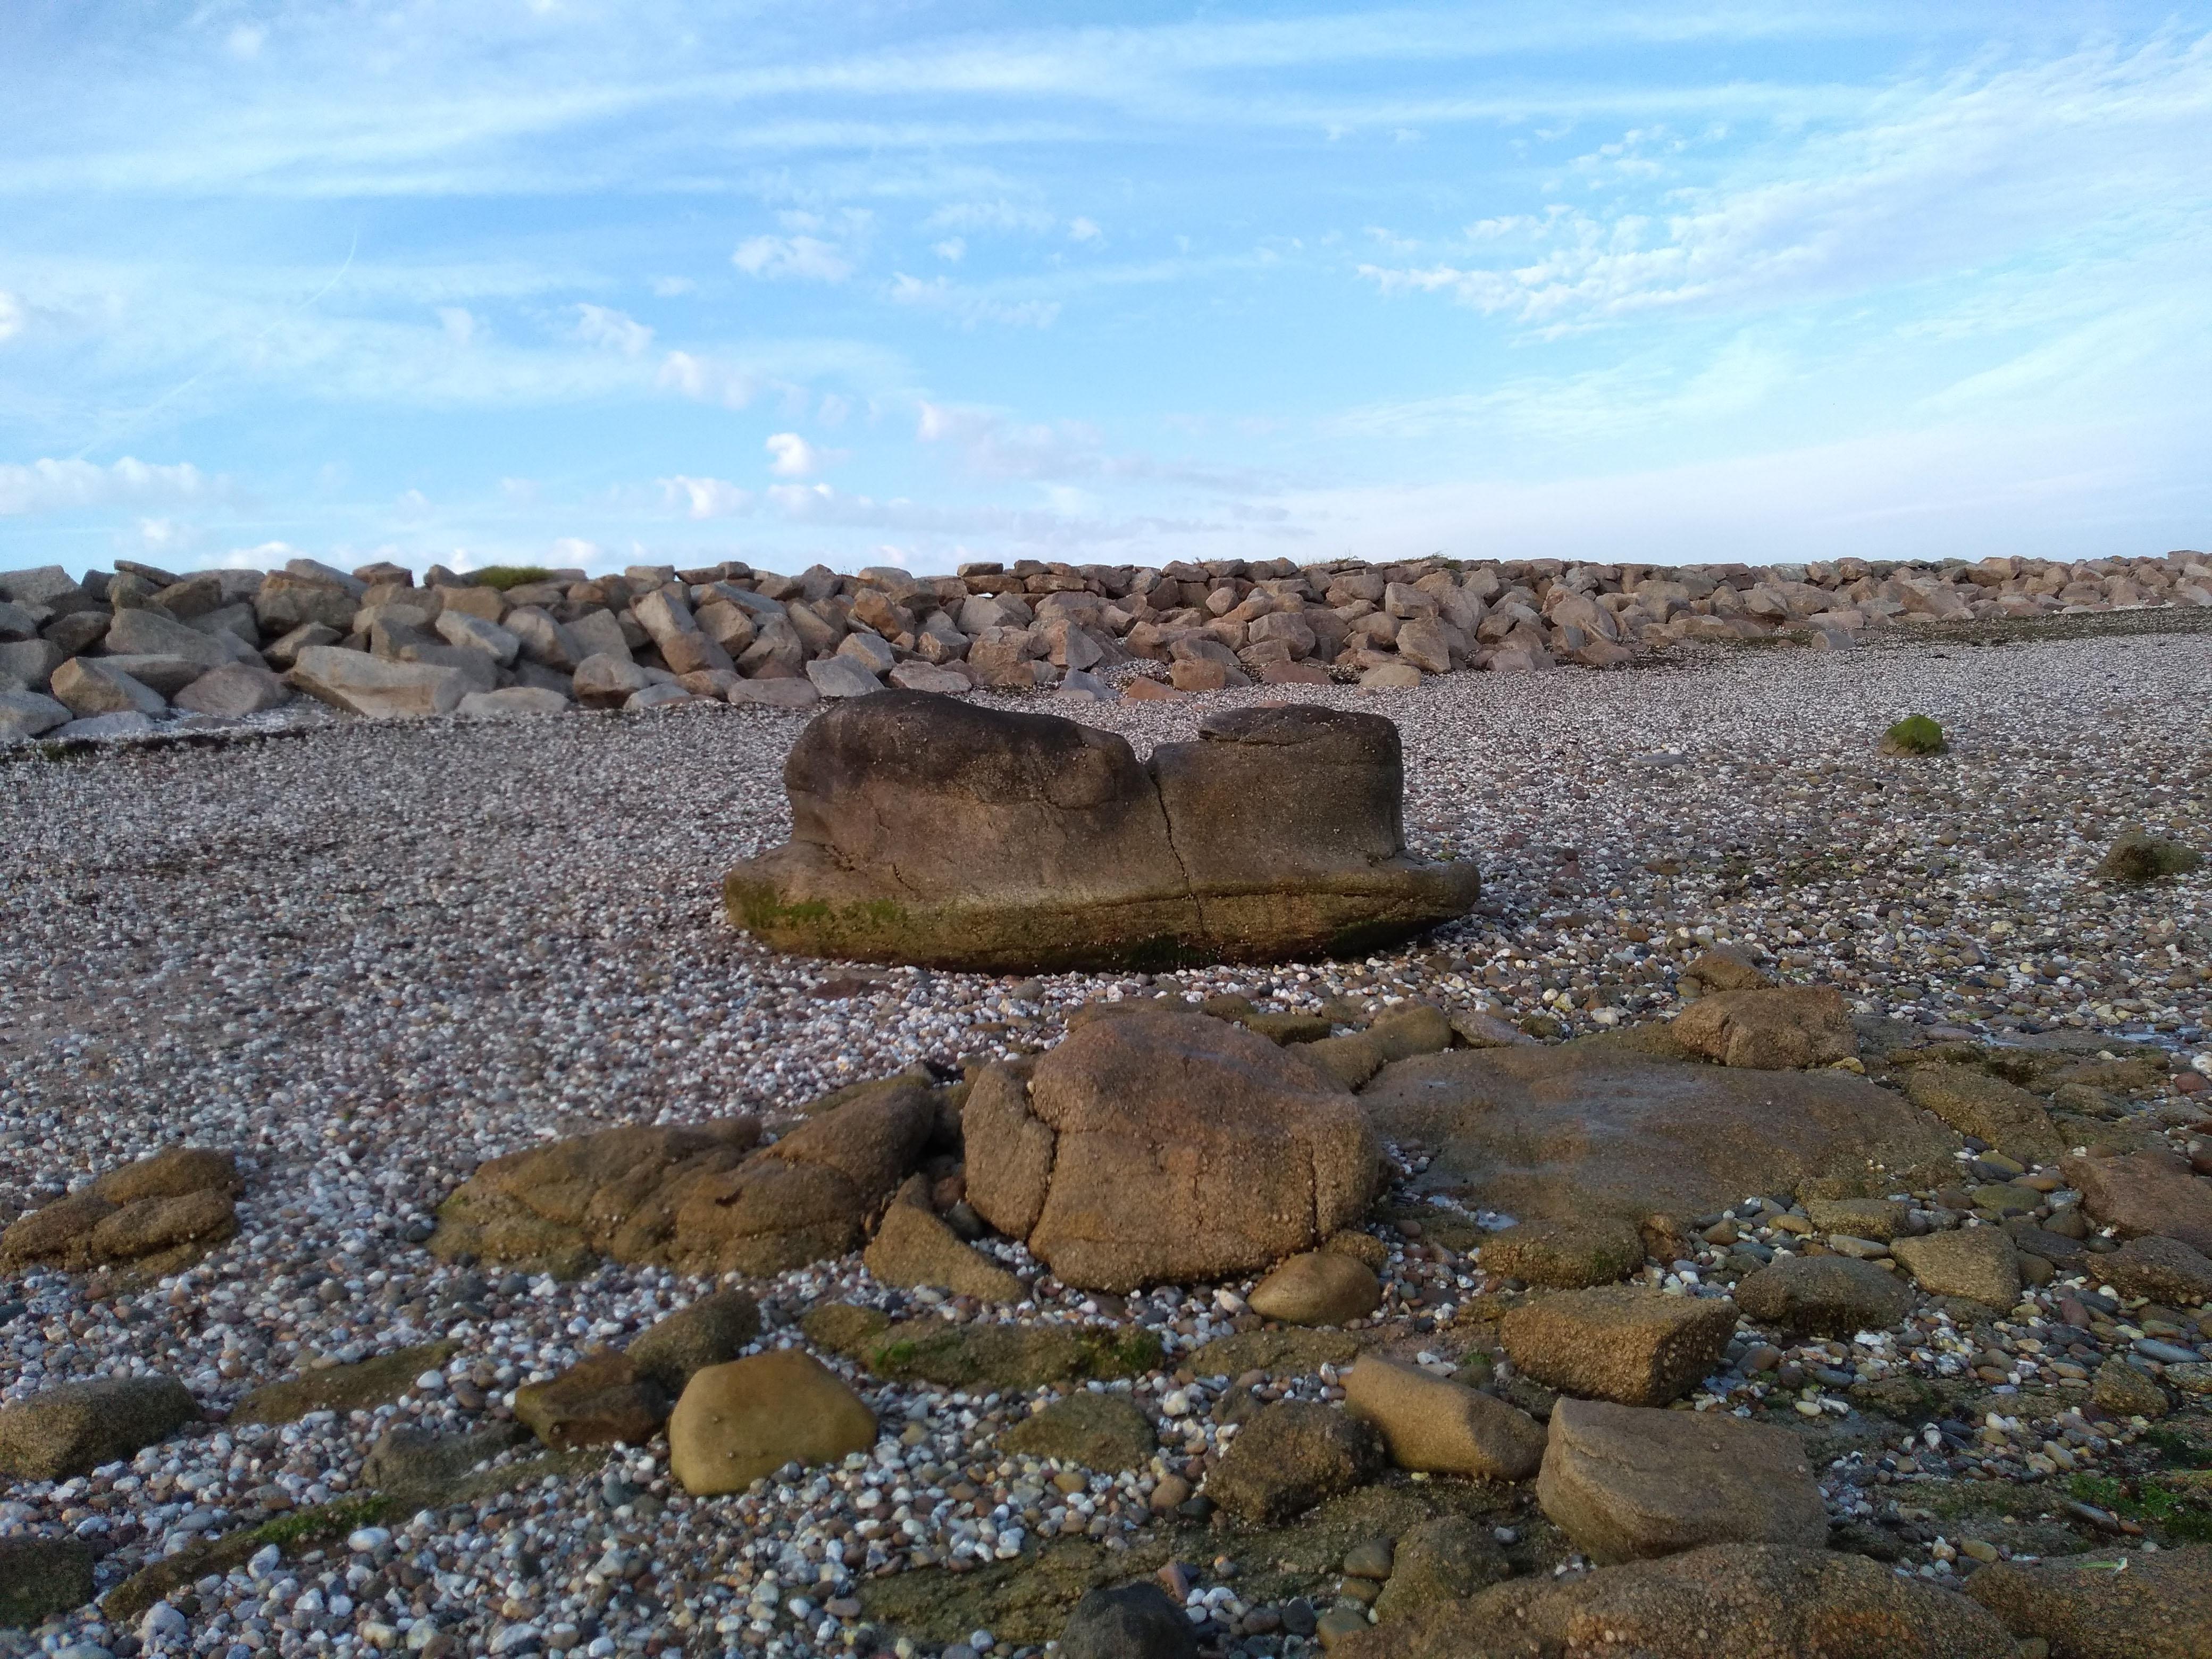 Ein von der Erosion geformter Felsbrocken am Strand von Gatteville